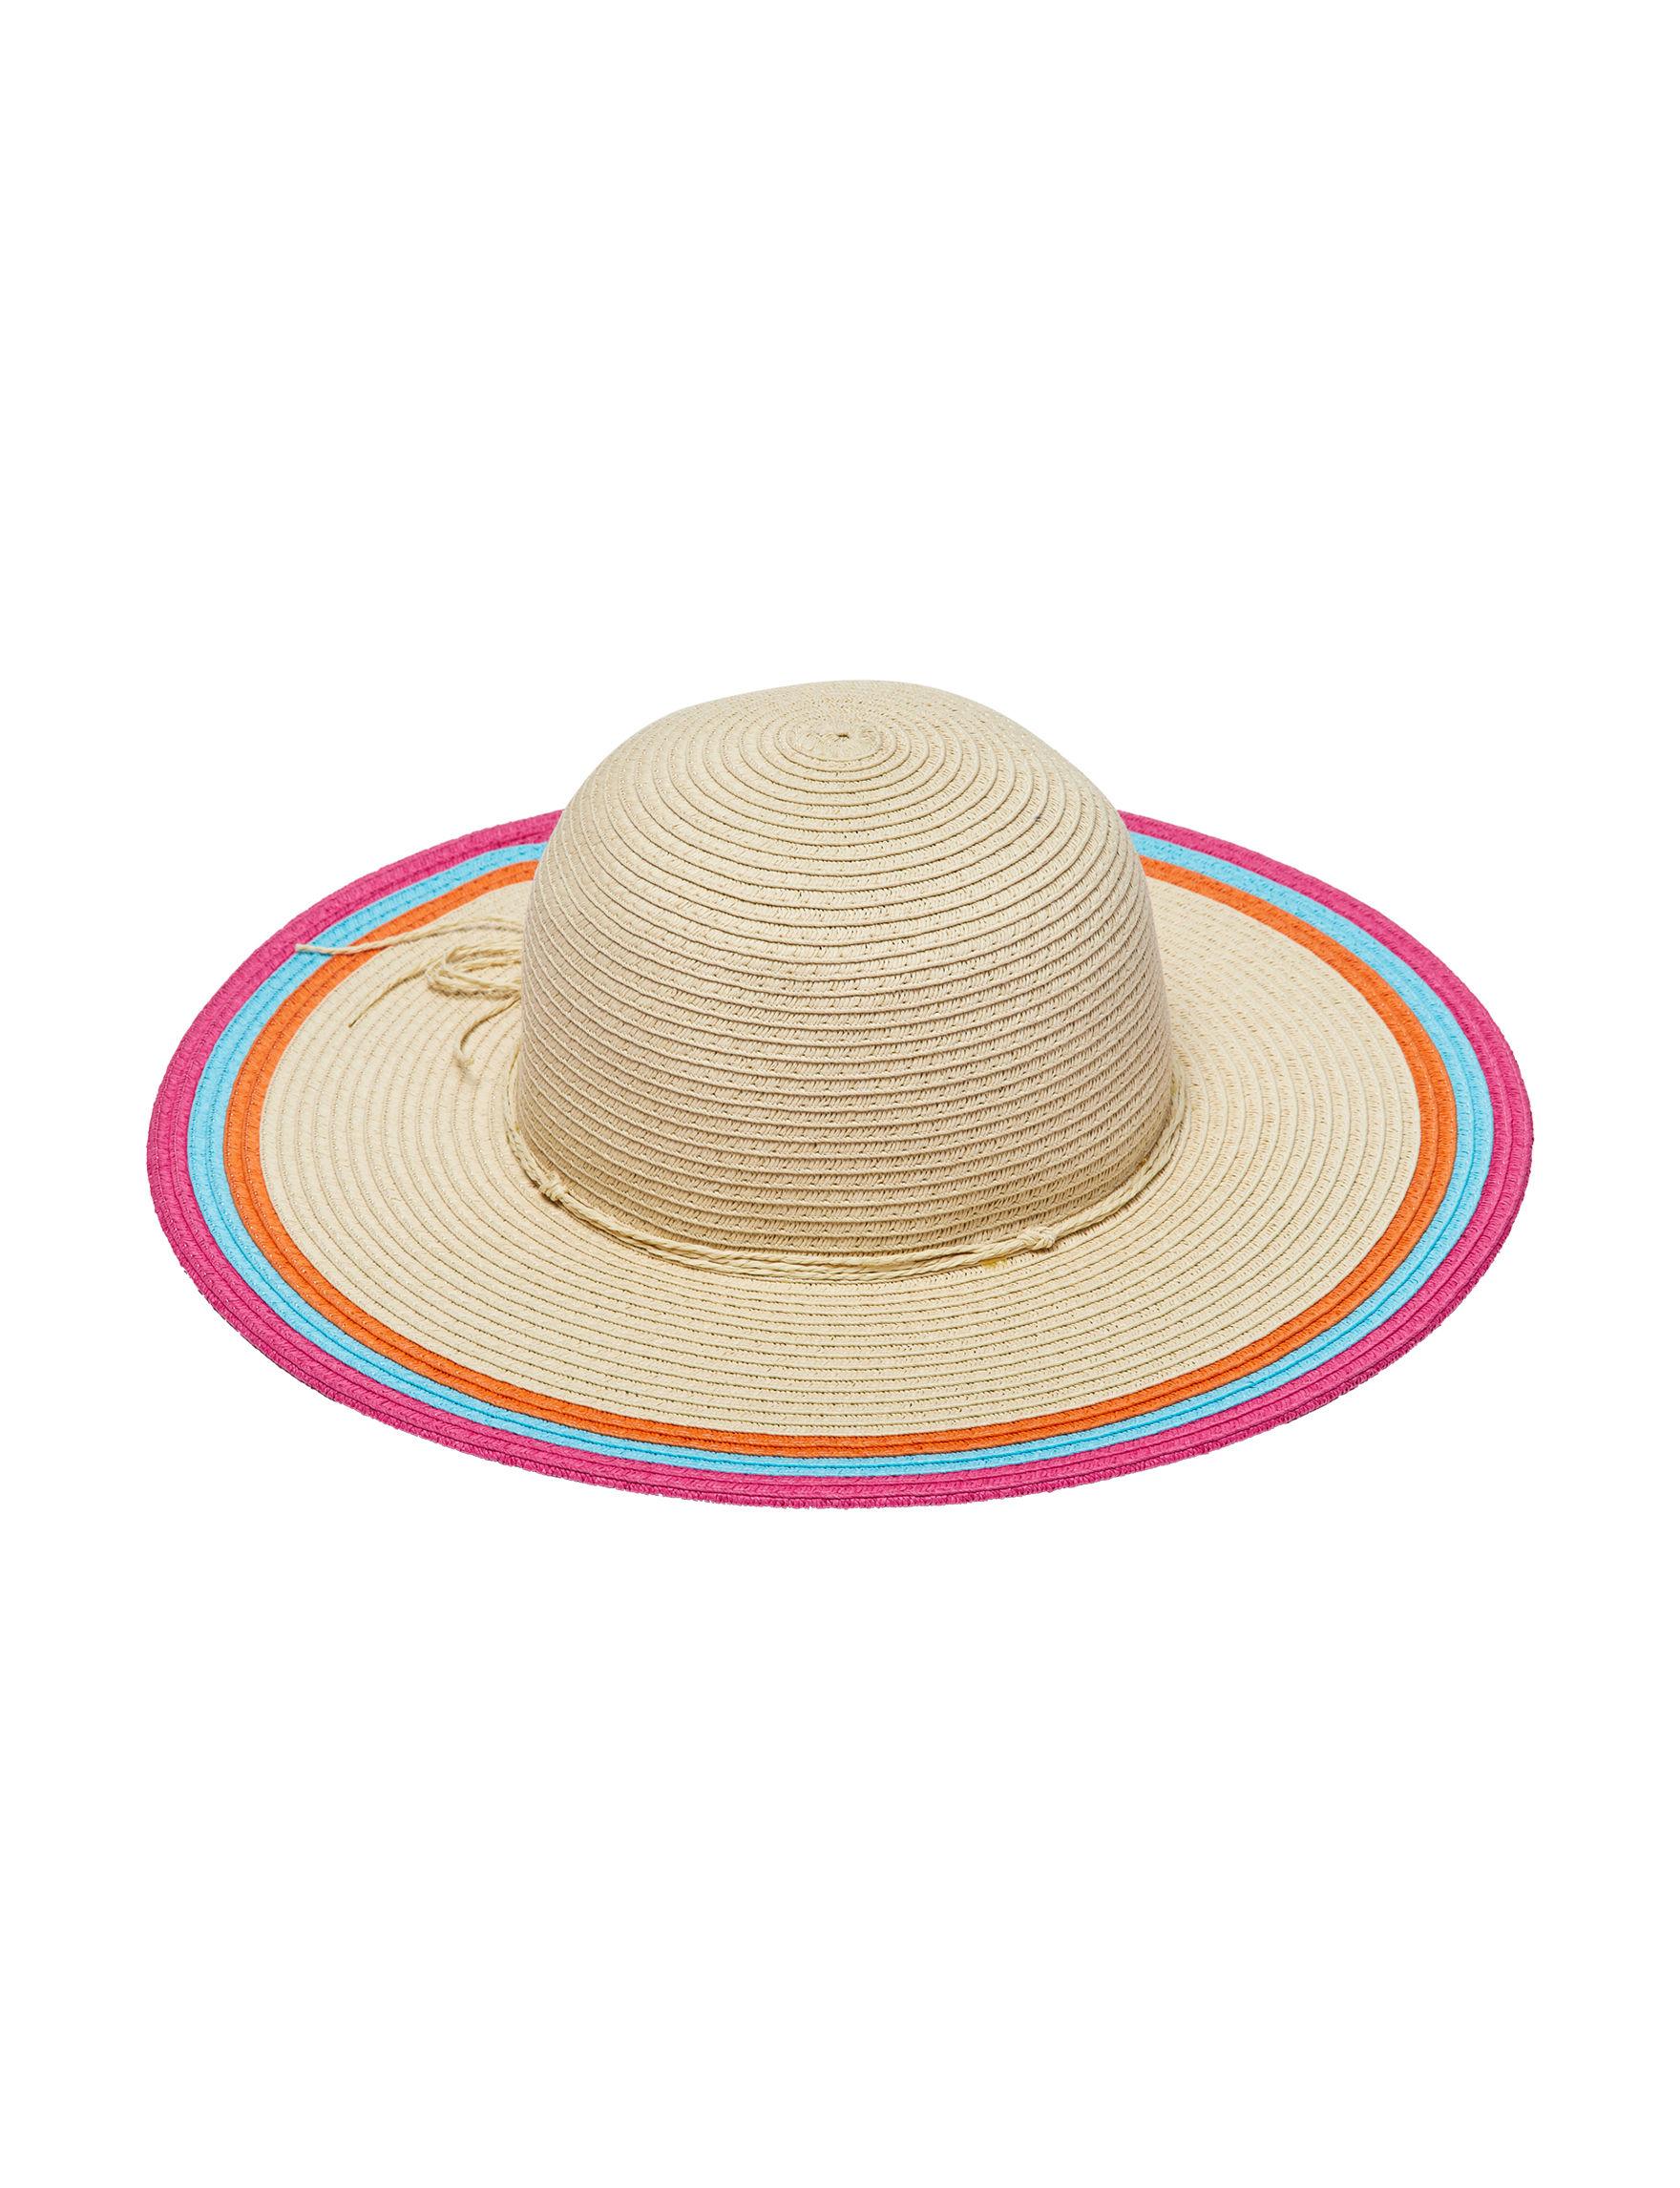 Columbino Beige / Multi Hats & Headwear